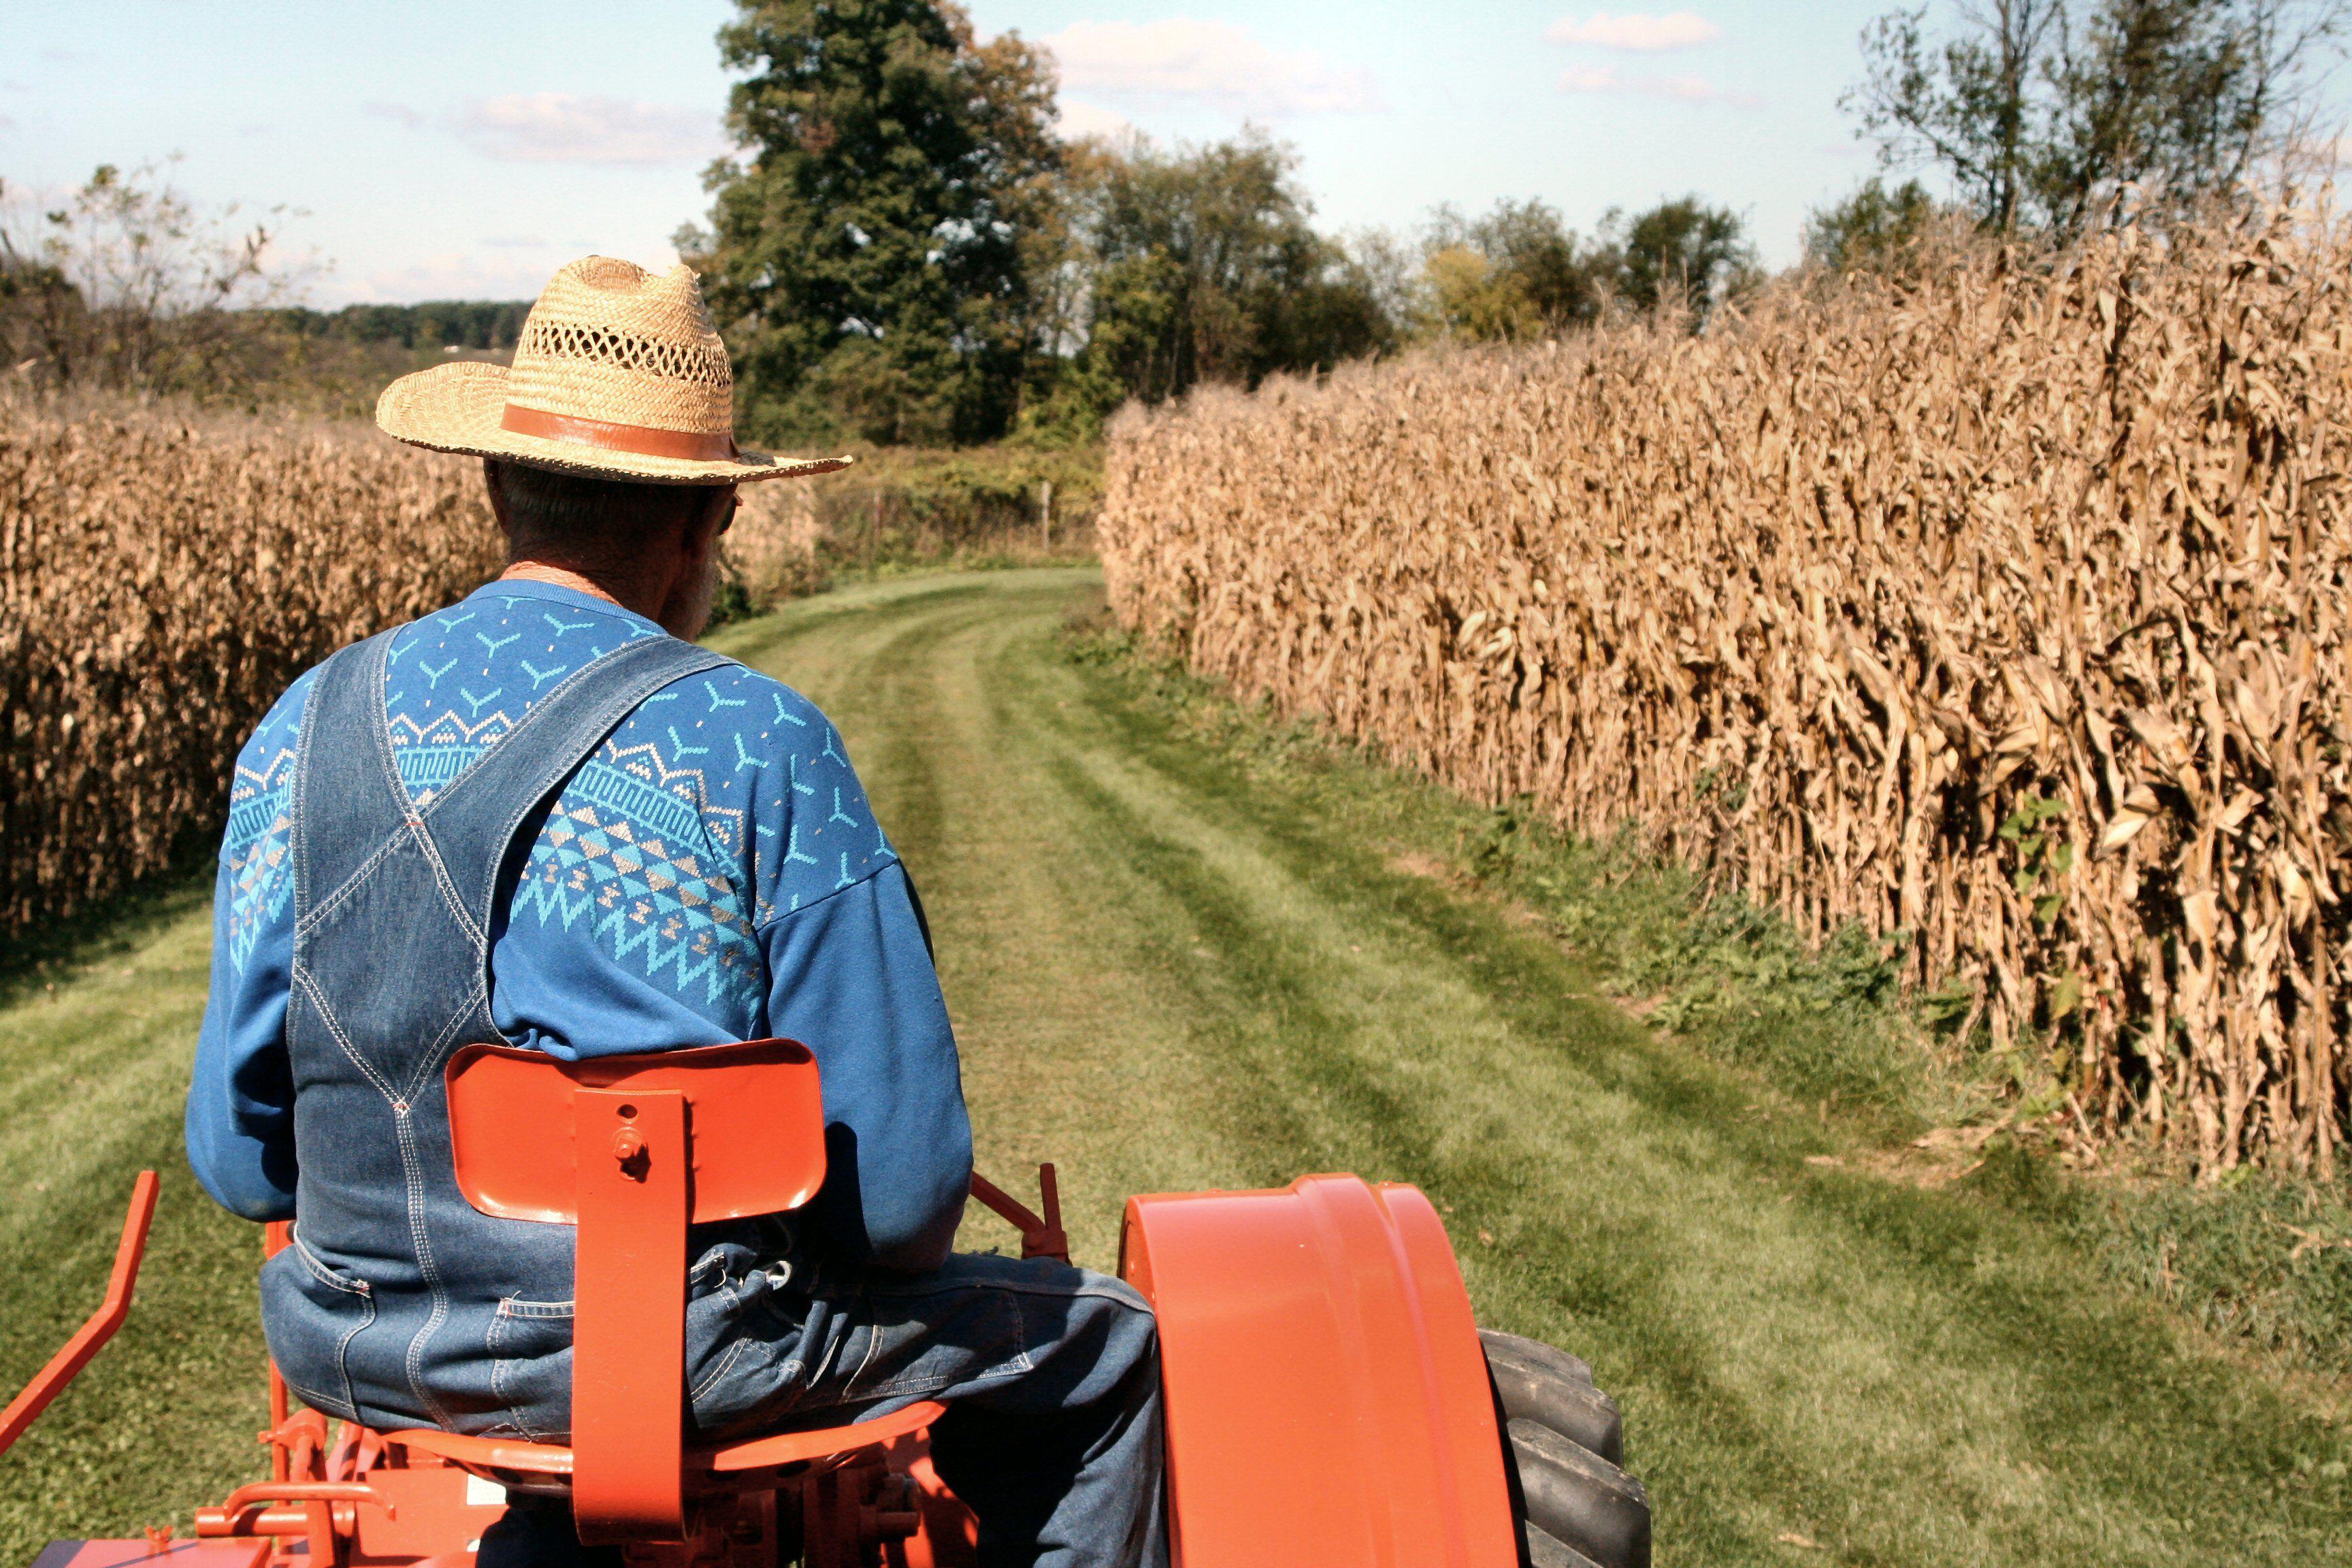 Farmer sitting on a tracker in a field